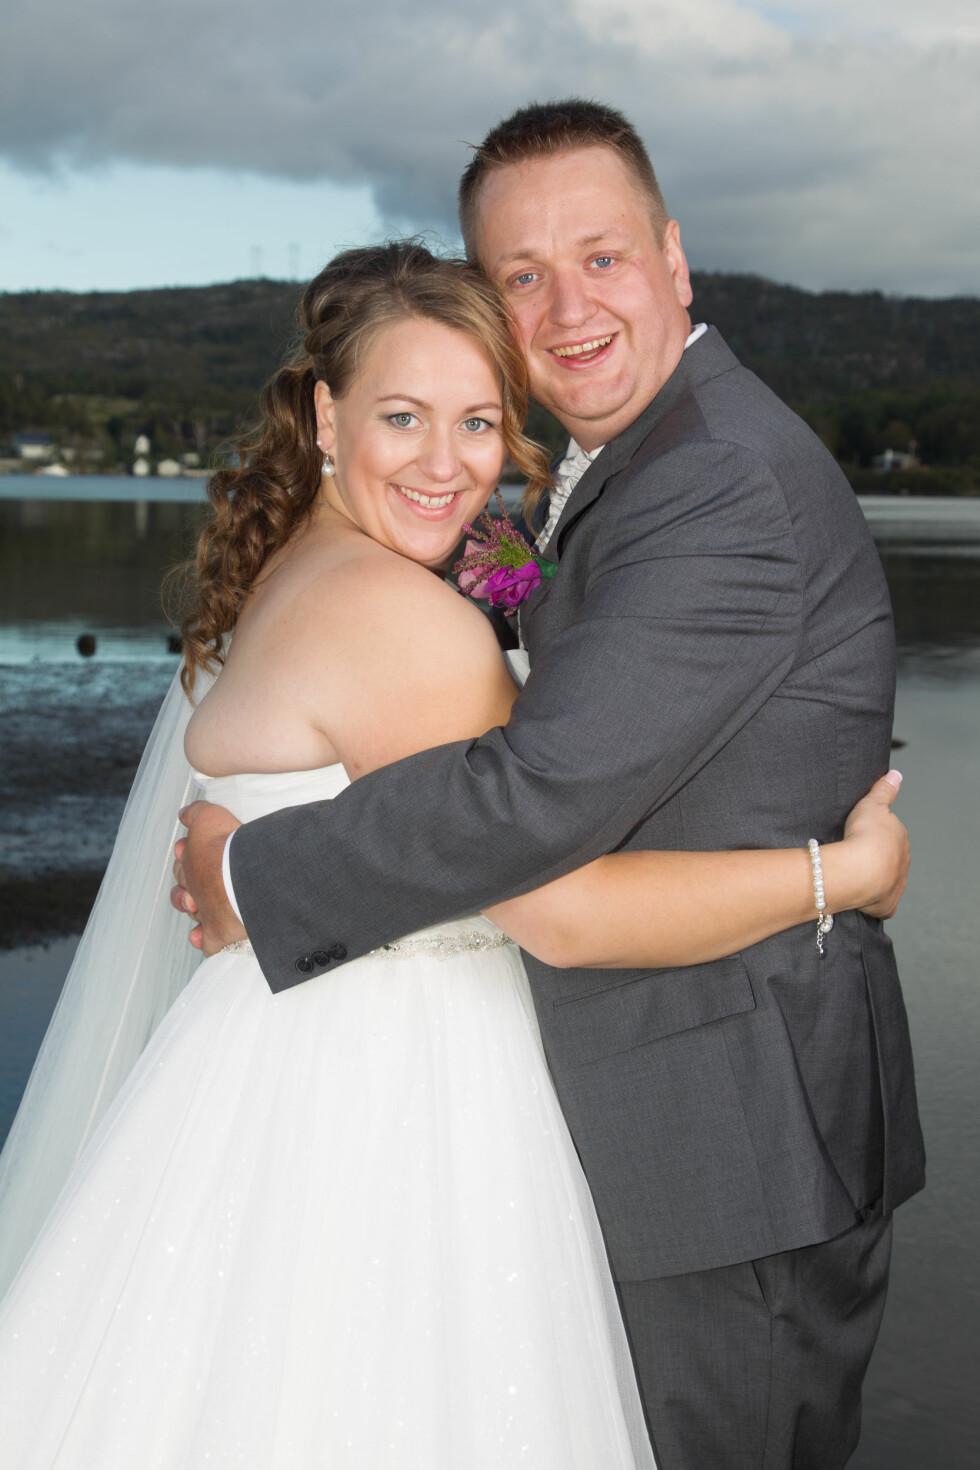 ET LETTERE LIV: - Endelig kan jeg holde rundt mannen min, erter Vibeke. Hun våget ikke kjøpe brudekjolen før rett før bryllupet - i frykt for at den måtte sys inn før den store dagen. Foto: SVEND AAGE MADSEN/SE OG HØR